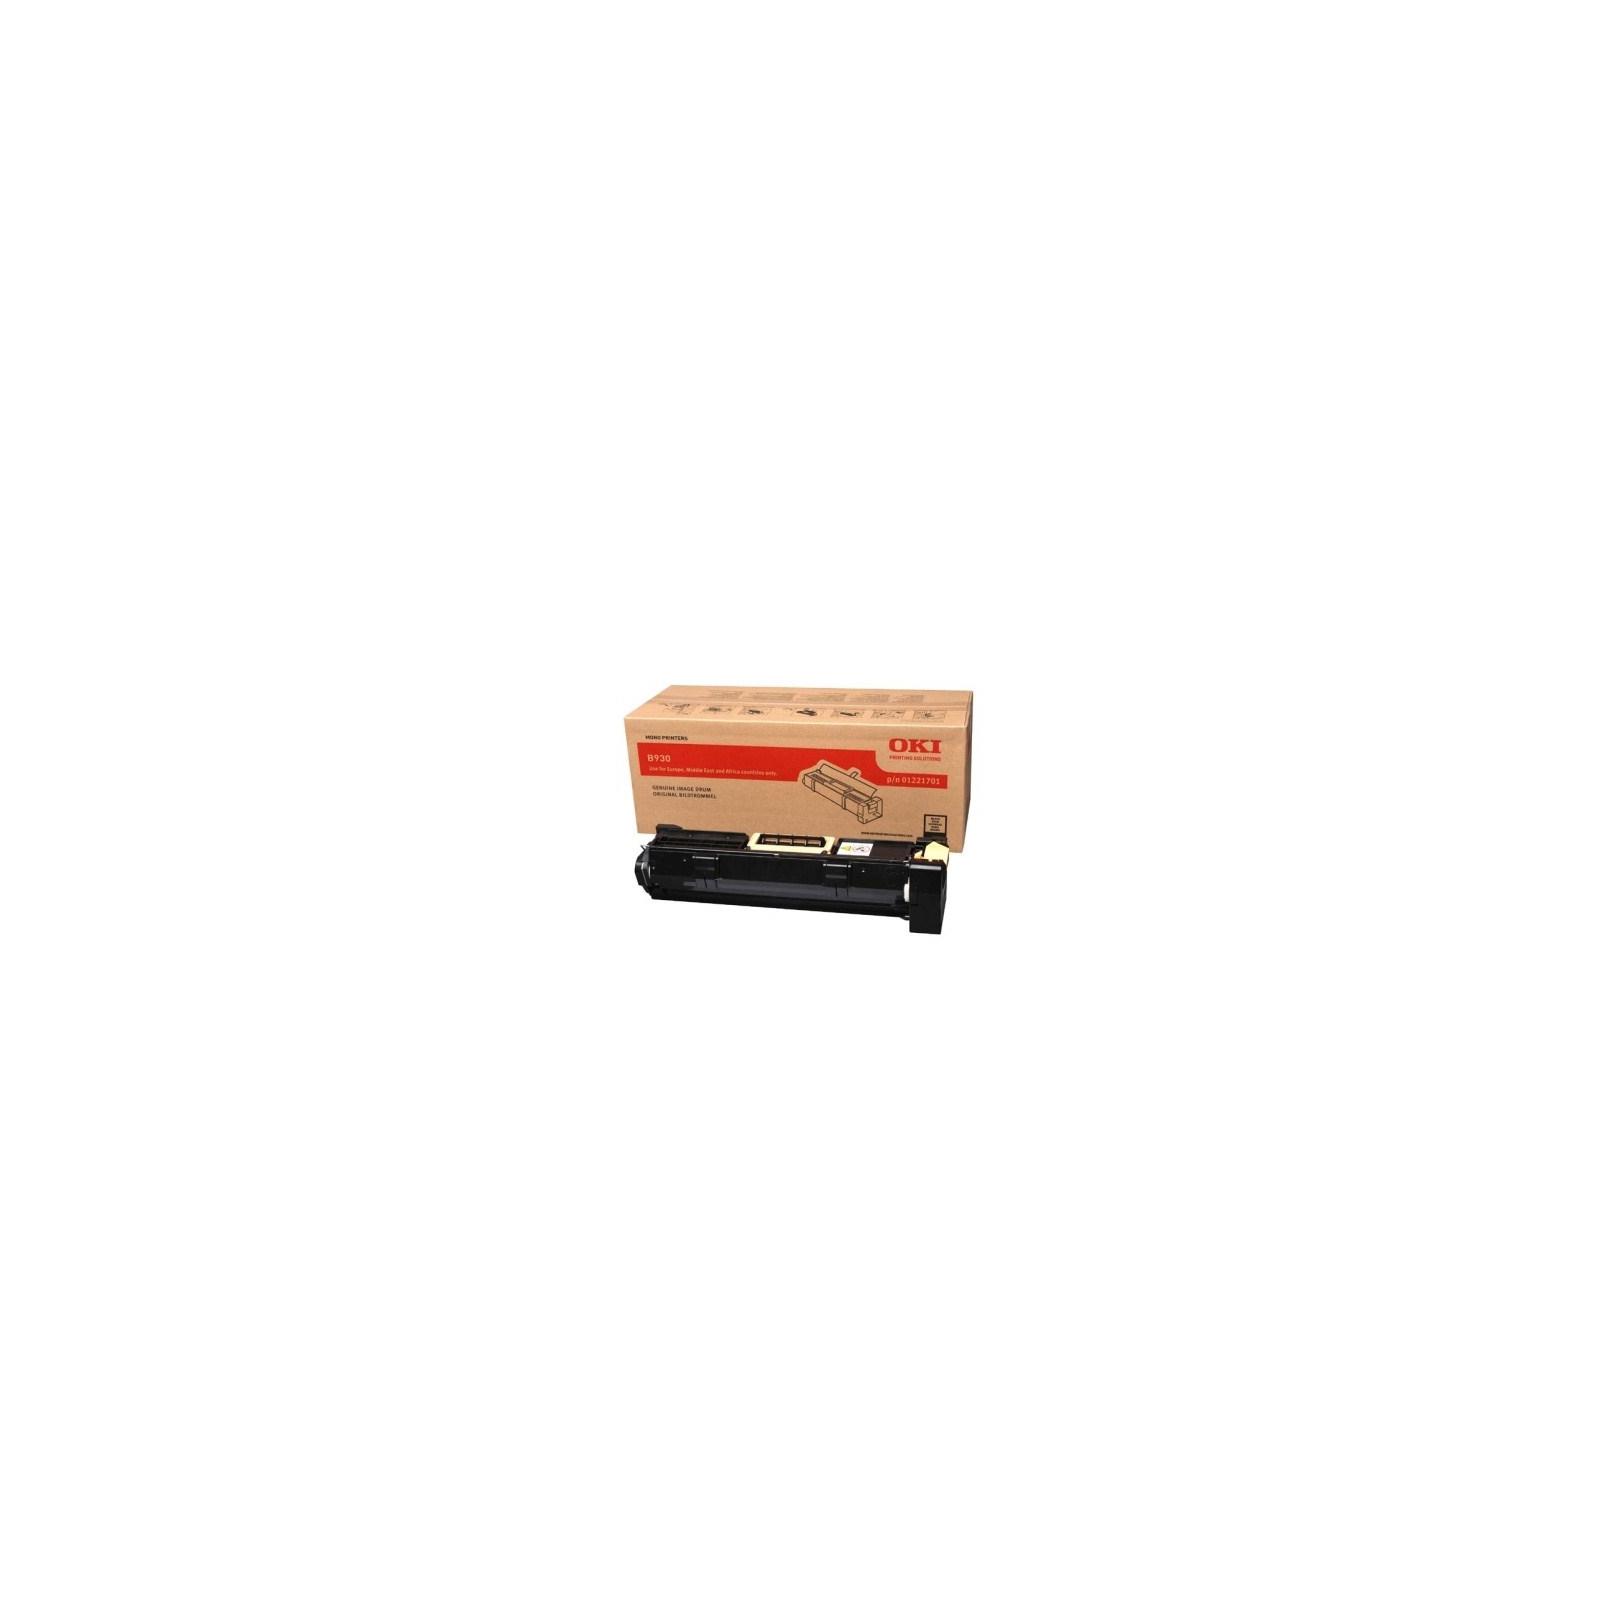 Фотокондуктор OKI B930 (60К) (1221701)